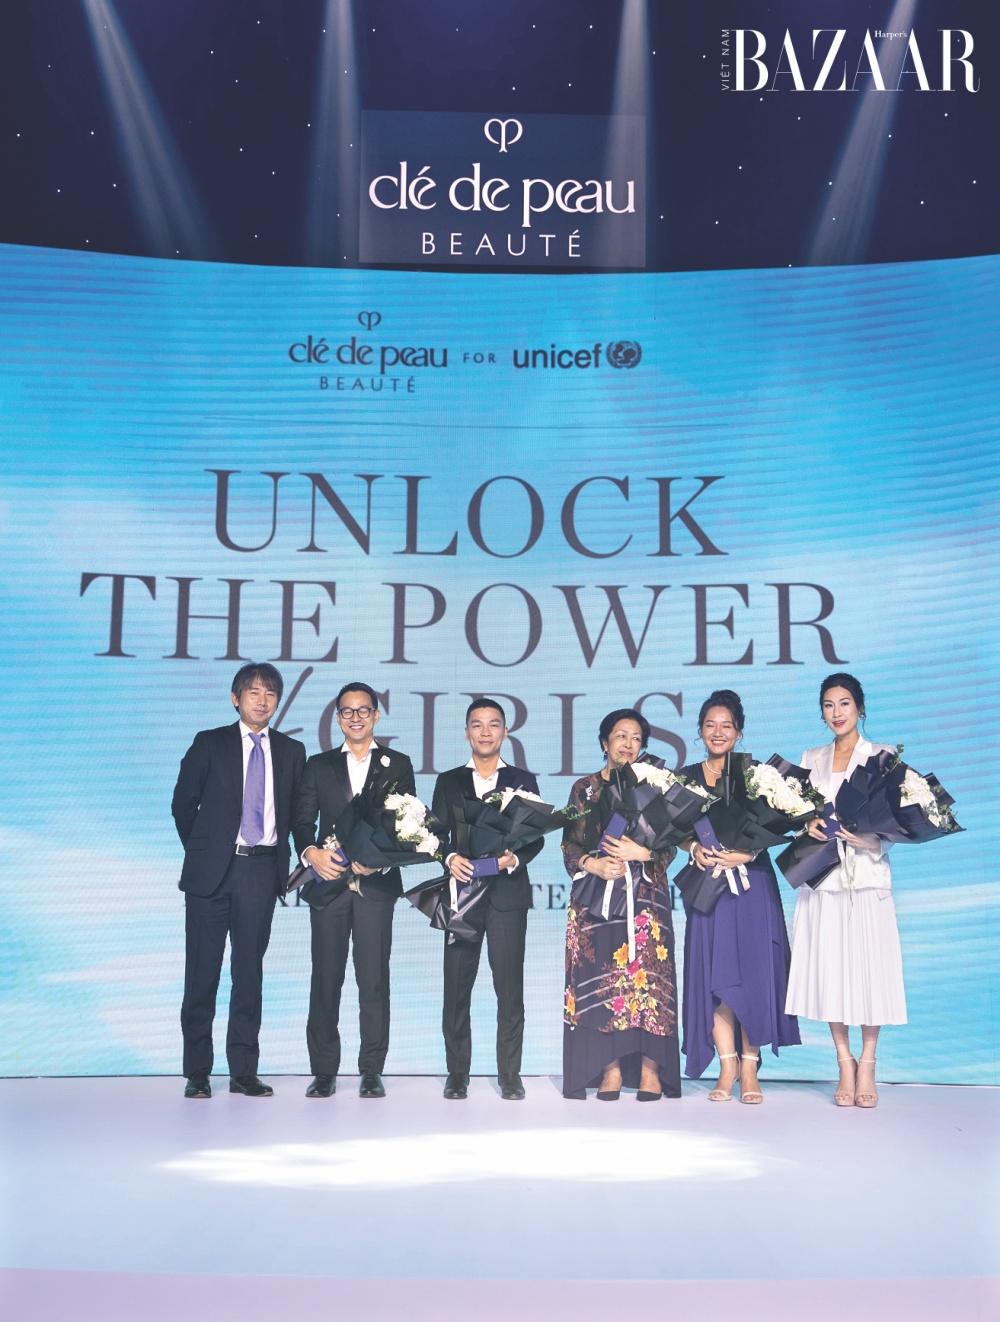 Clé de Peau Beauté tiếp nối chương trình Tỏa sáng sức mạnh tri thức